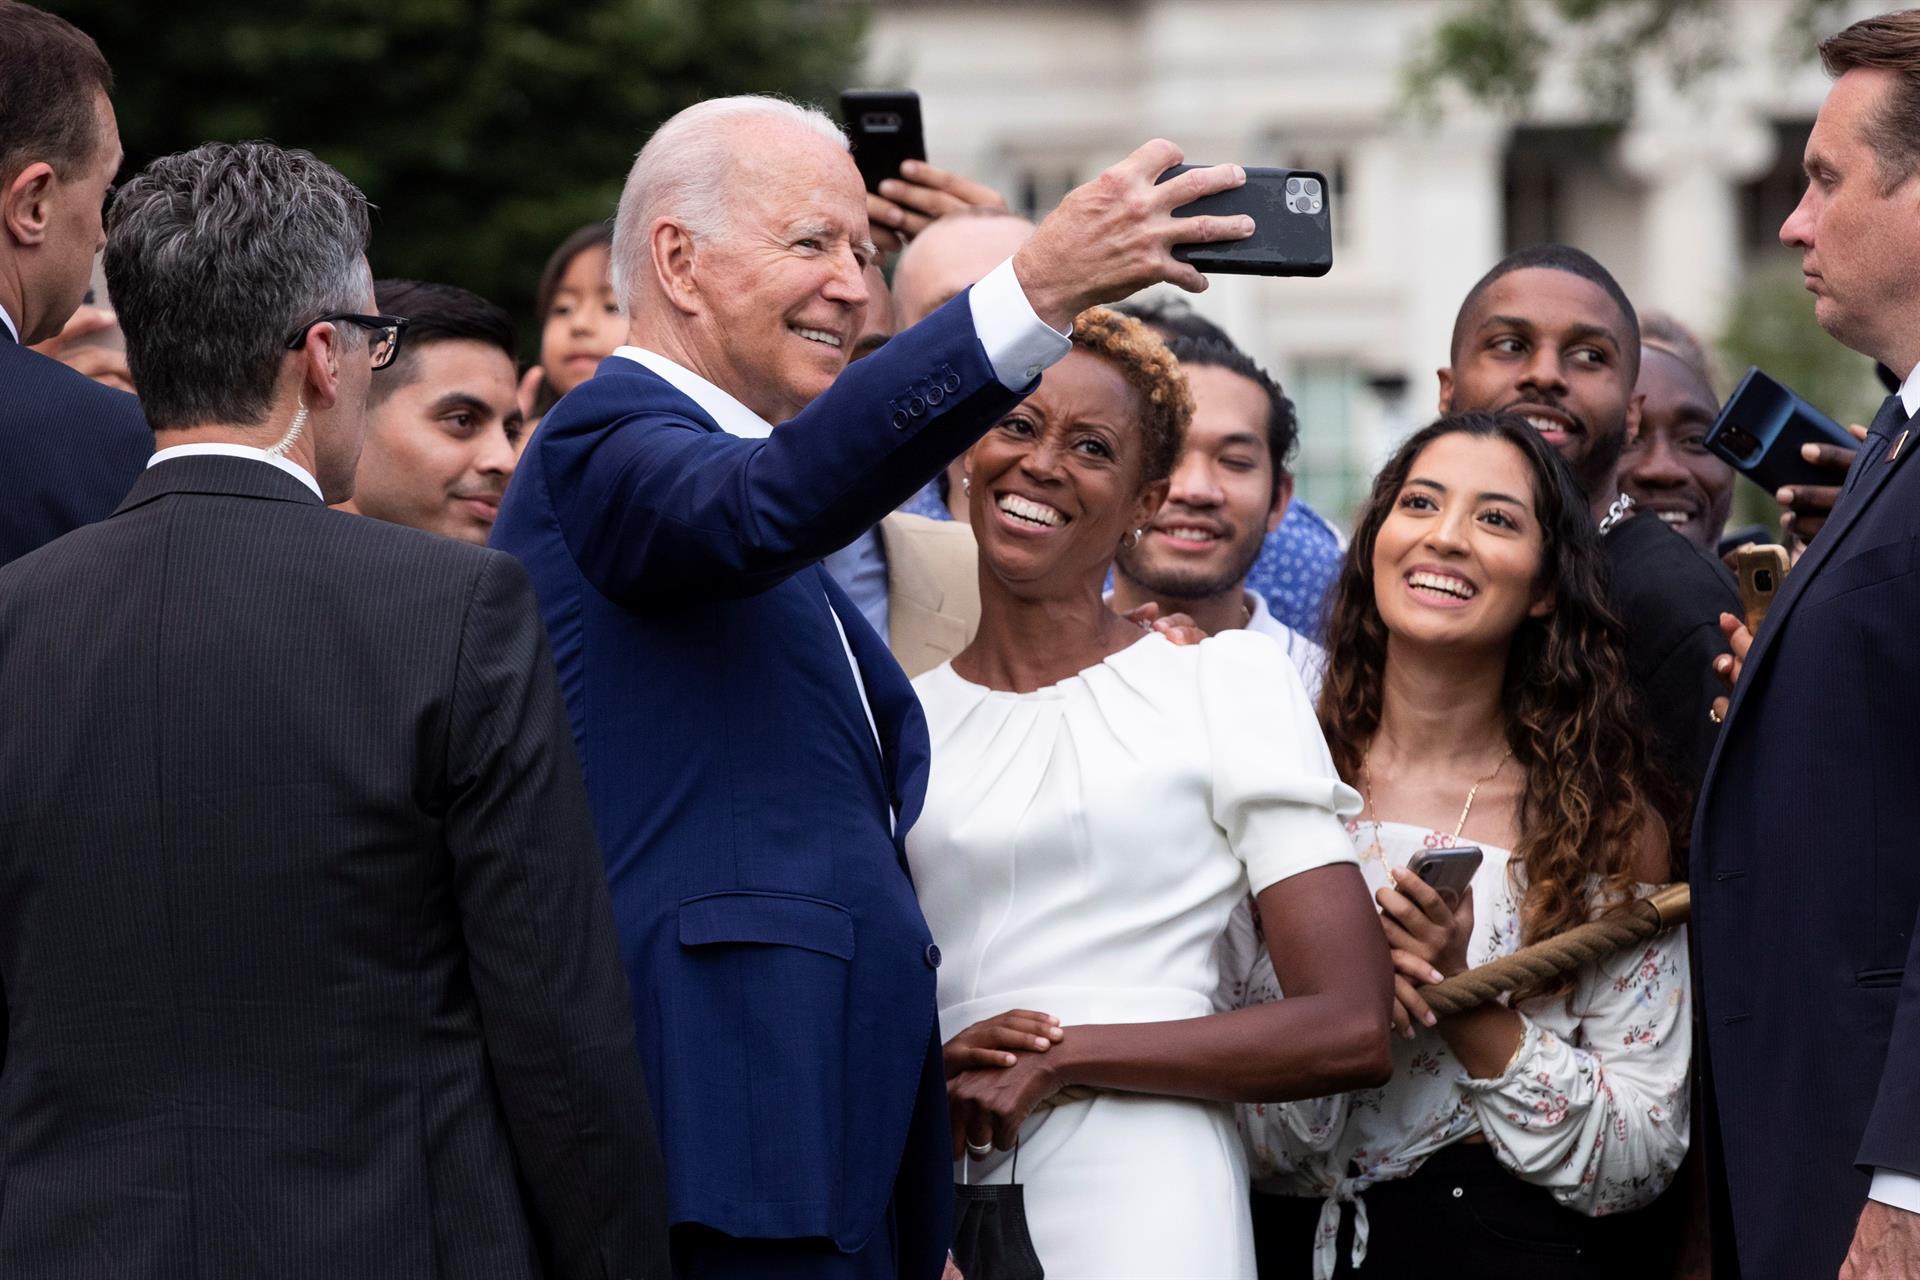 El presidente Joe Biden se toma una foto junto a un grupo de personas tras el evento el La Casa Blanca.